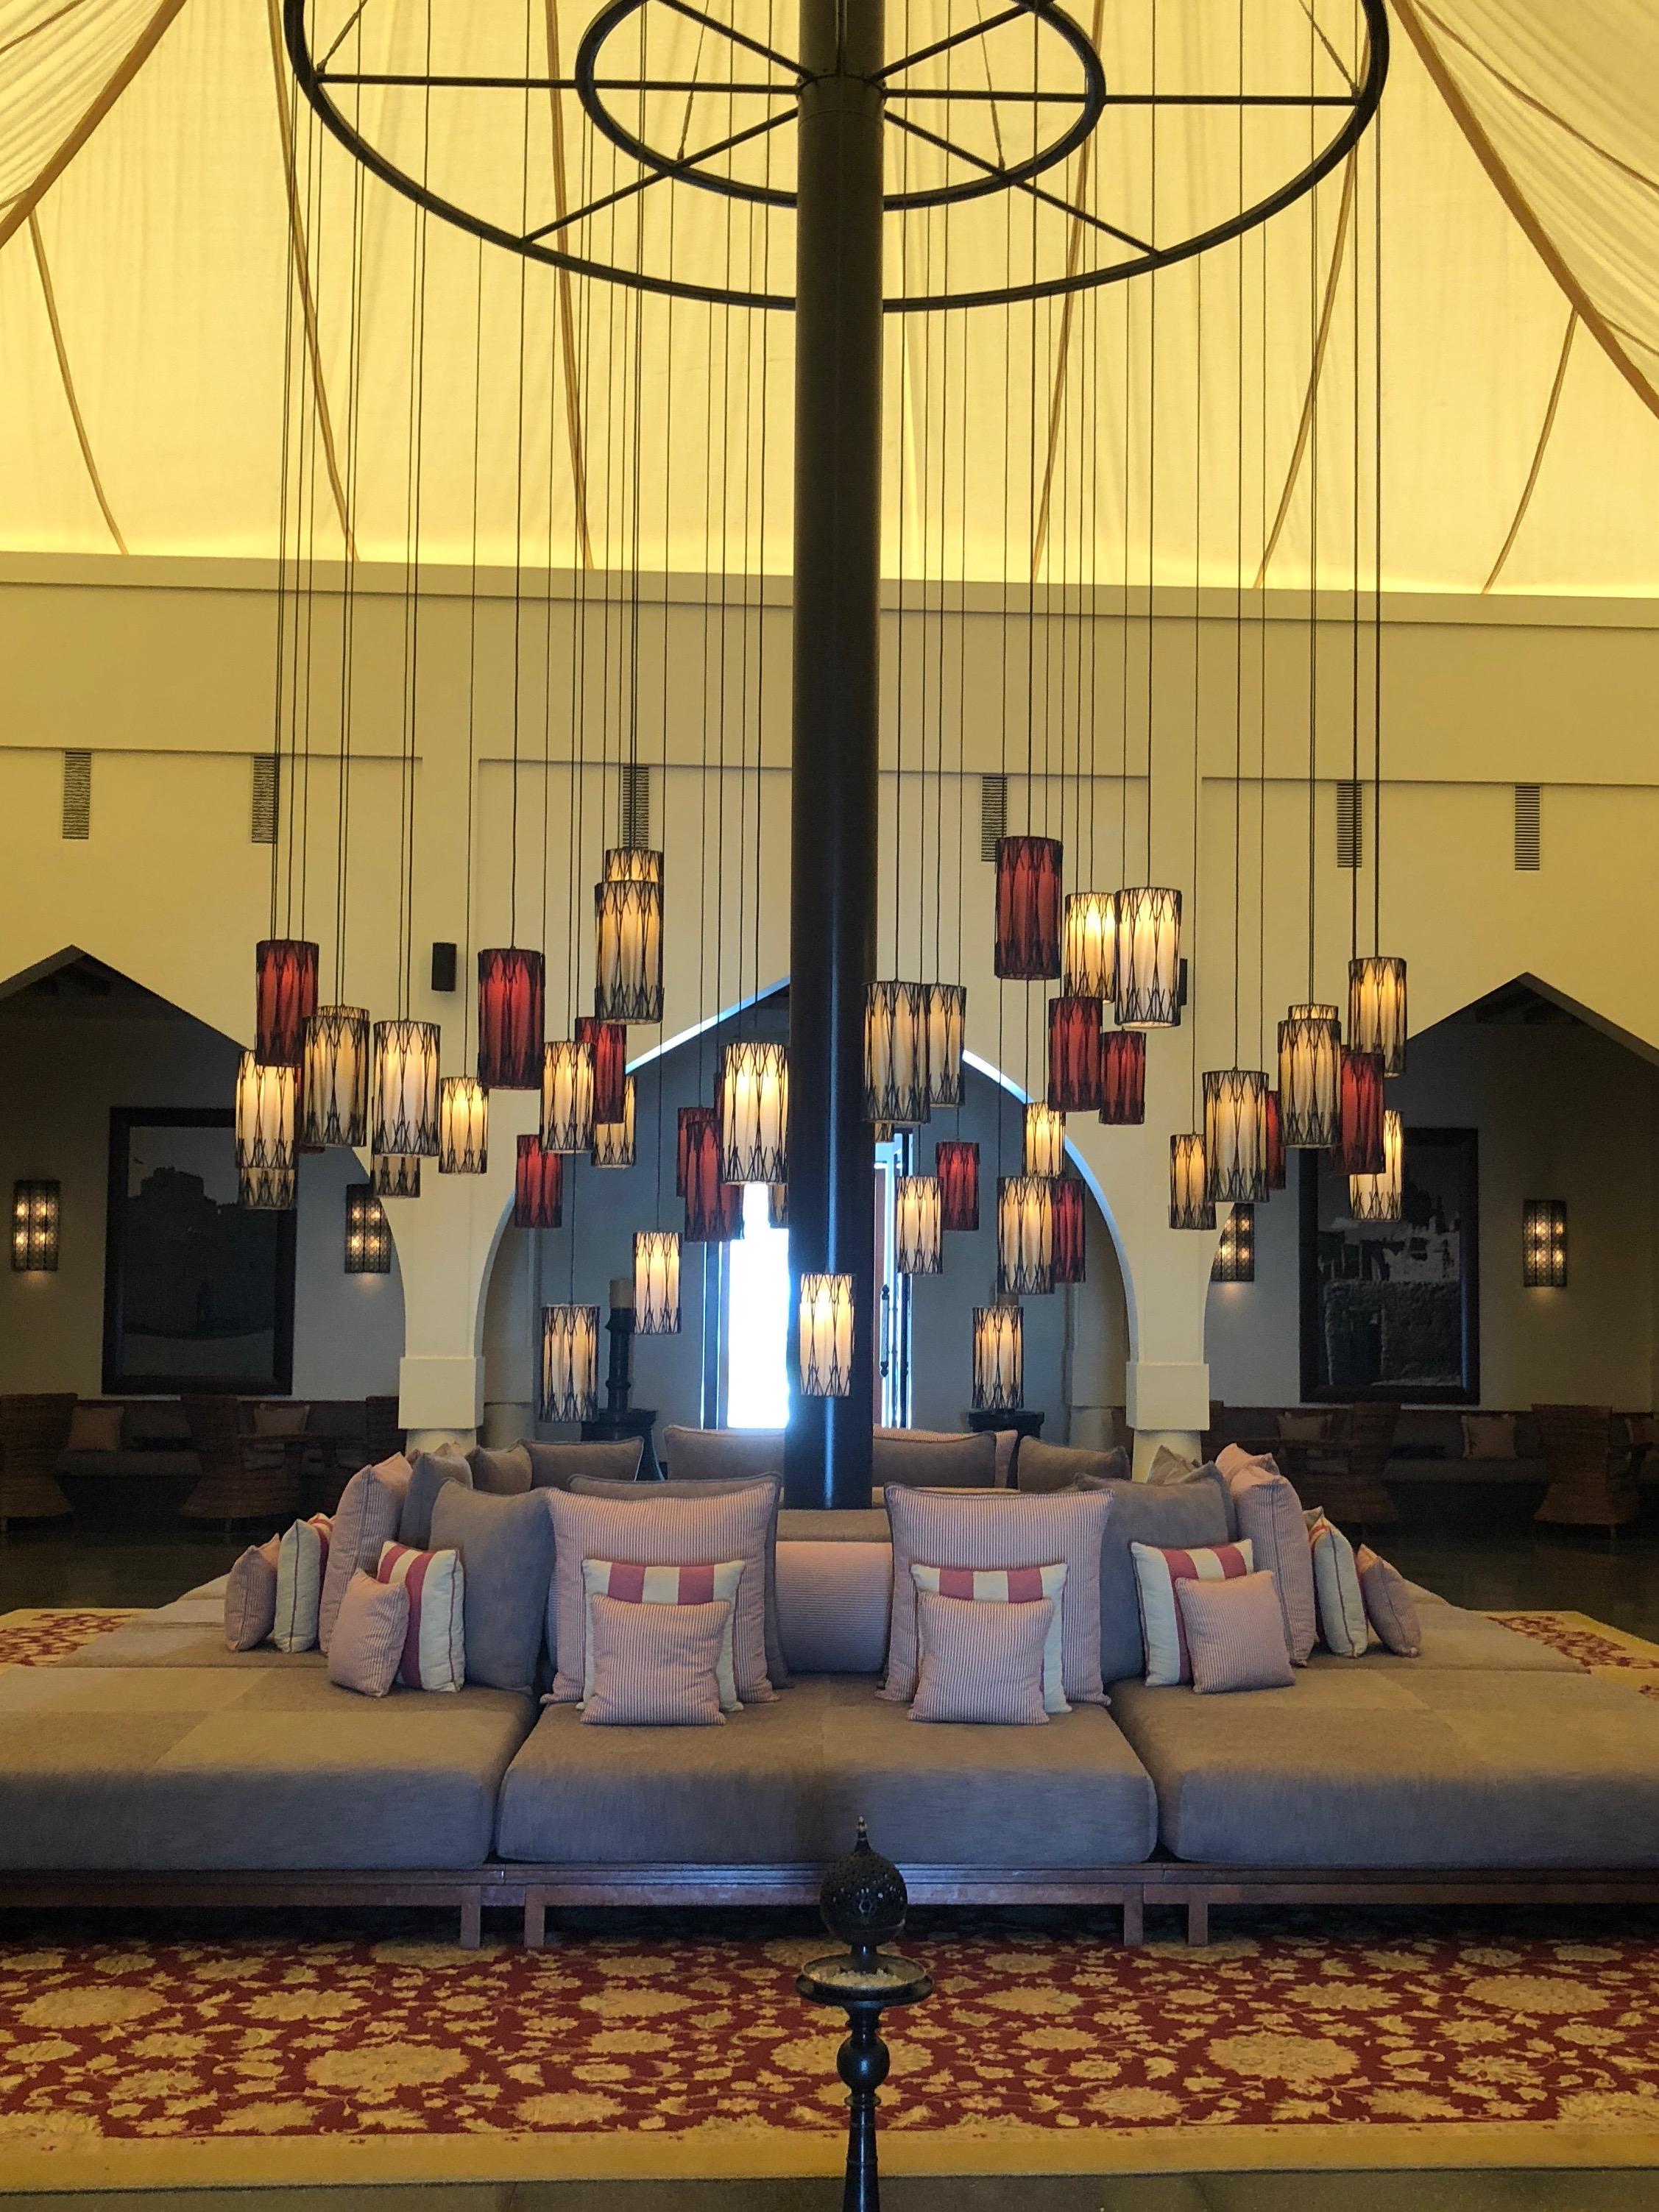 The Chedi lounge